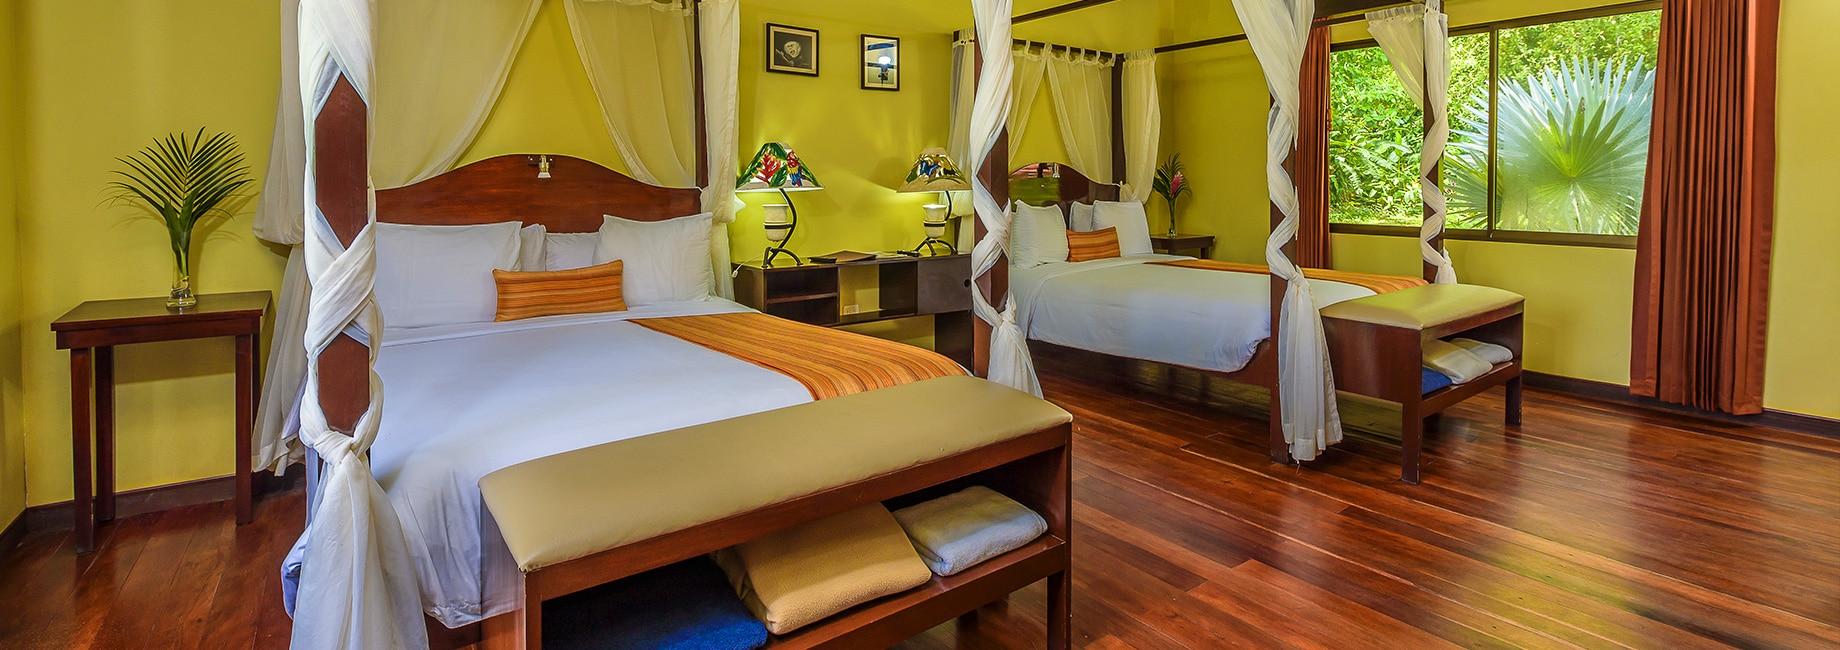 Tortuguero-Costa Rica-getting-ready-for-your-visti